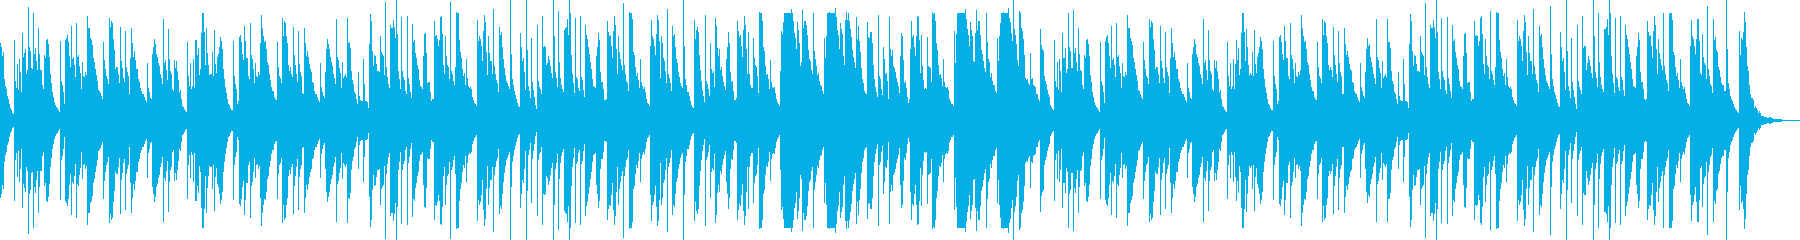 優しい旋律が印象的なオルゴールの再生済みの波形